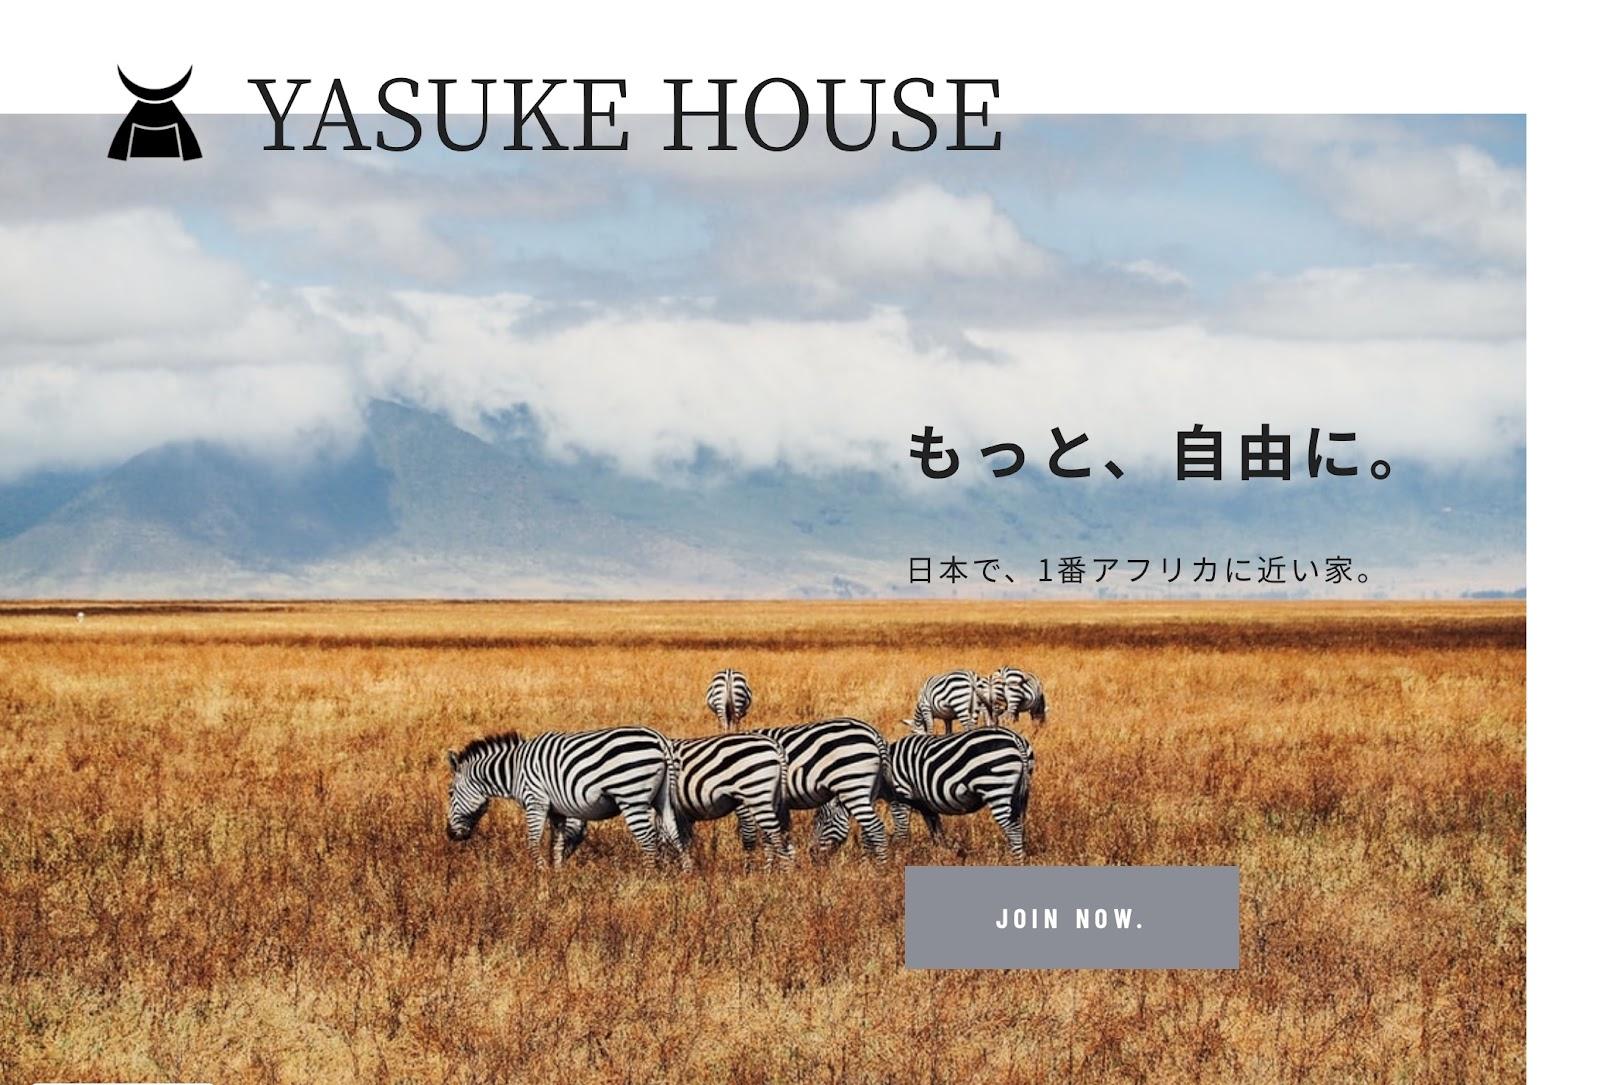 """""""アフリカと日本をつなぐ""""シェアハウス『YASUKE HOUSE』がOPEN!織田信長に仕えた黒人初の侍『弥助』の意志を継ぐ。"""